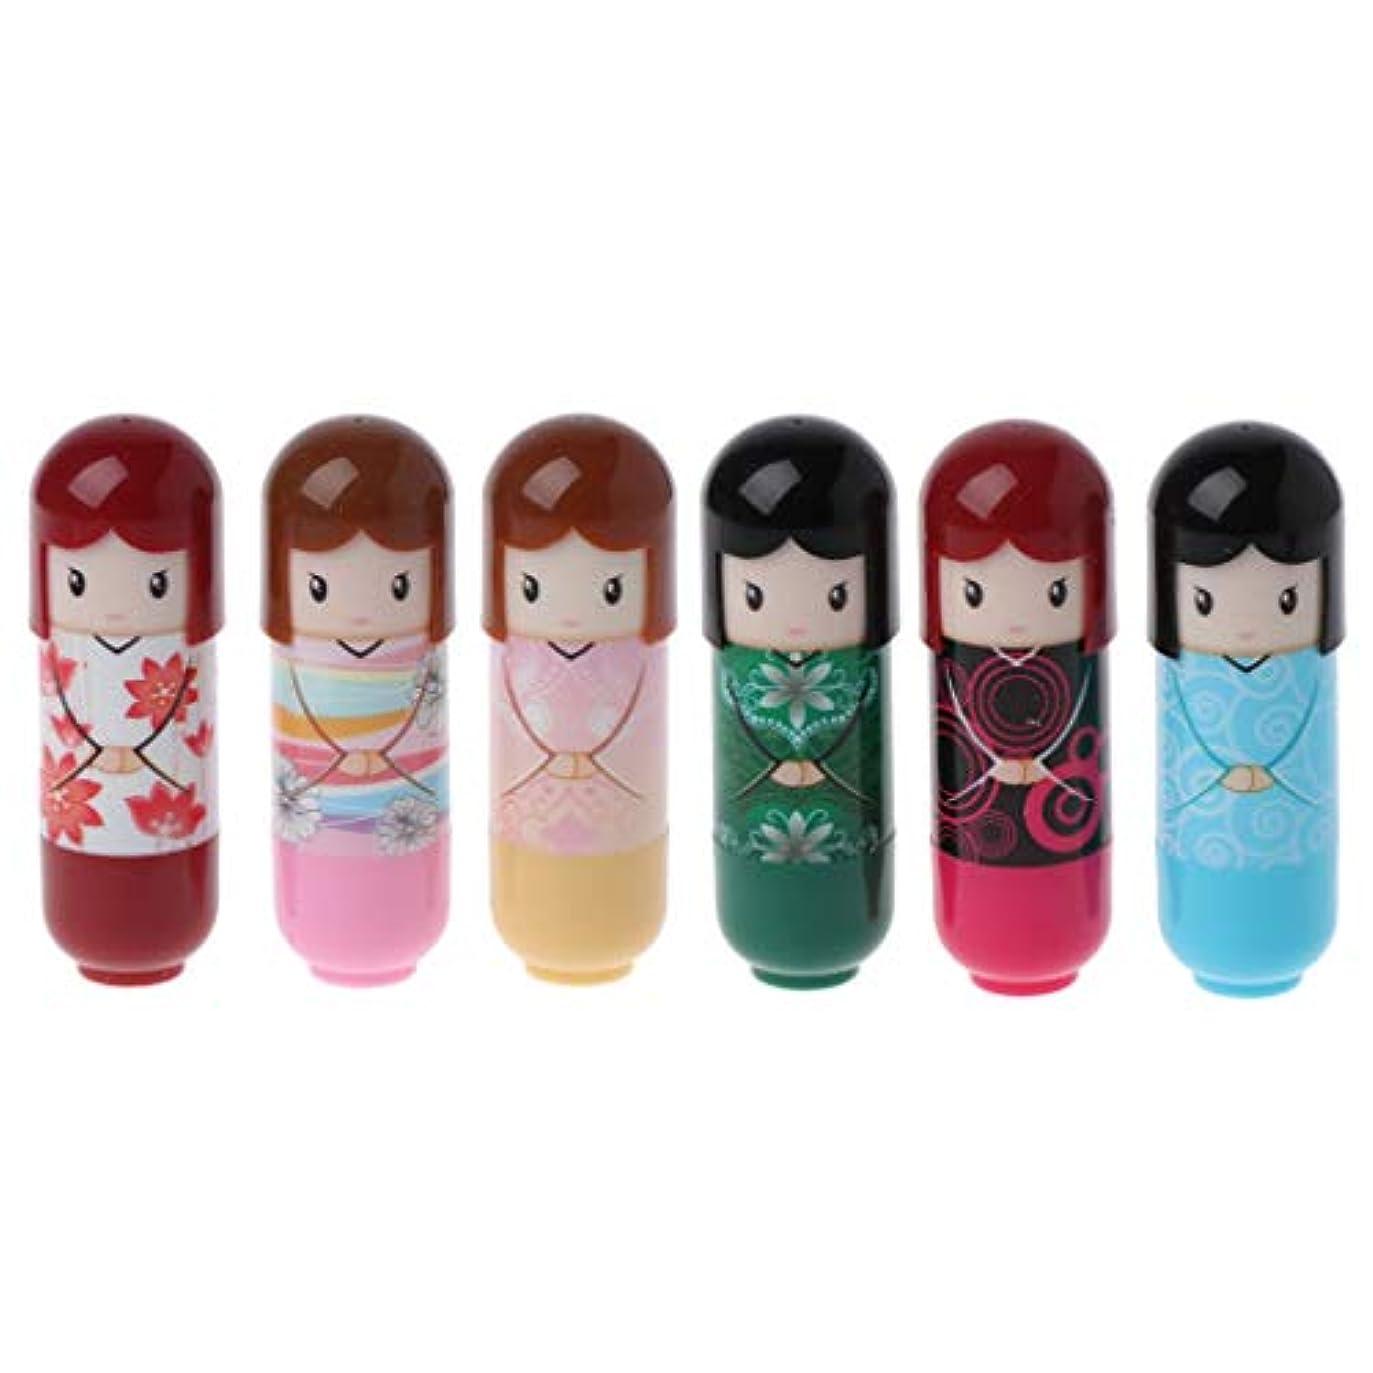 ブリークアーティスト見捨てるKimyuo 6本 着物人形 化粧 リップグロスバーム しっとり   リップペン 化粧品 口紅